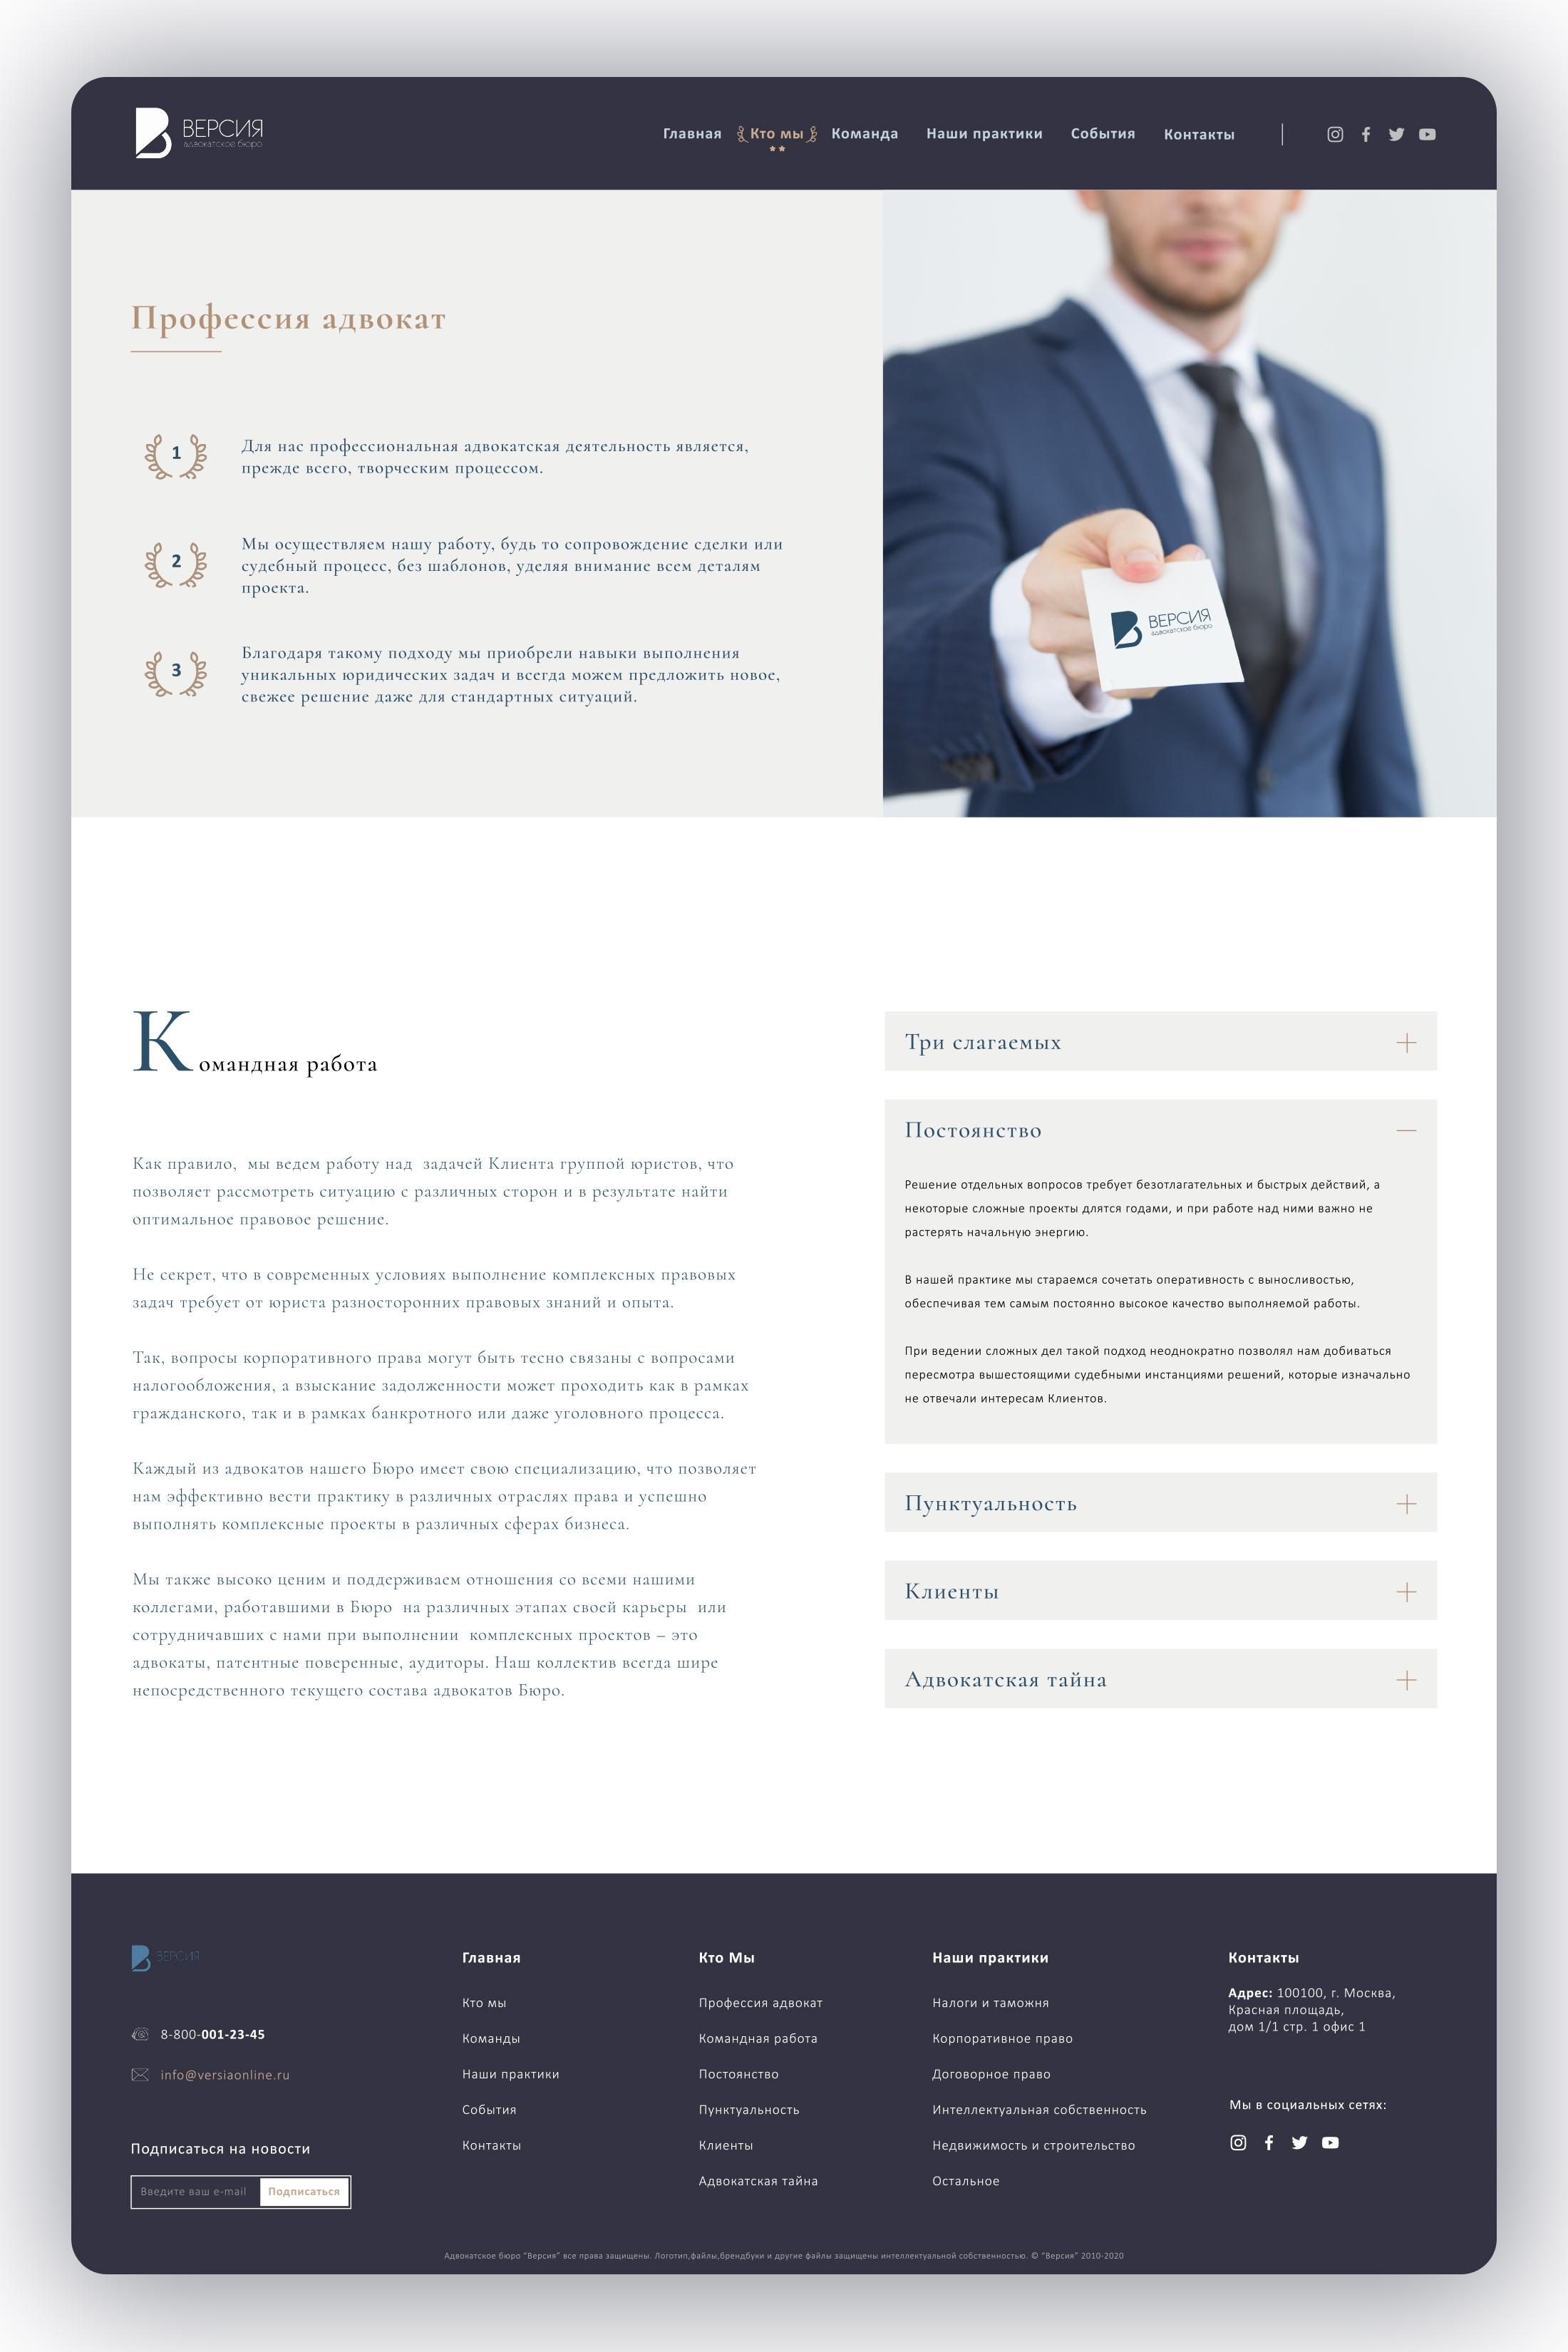 Конкурс на разработку дизайна и конструкцию сайта адвокатского бюро фото f_7845f3527749e7da.jpg